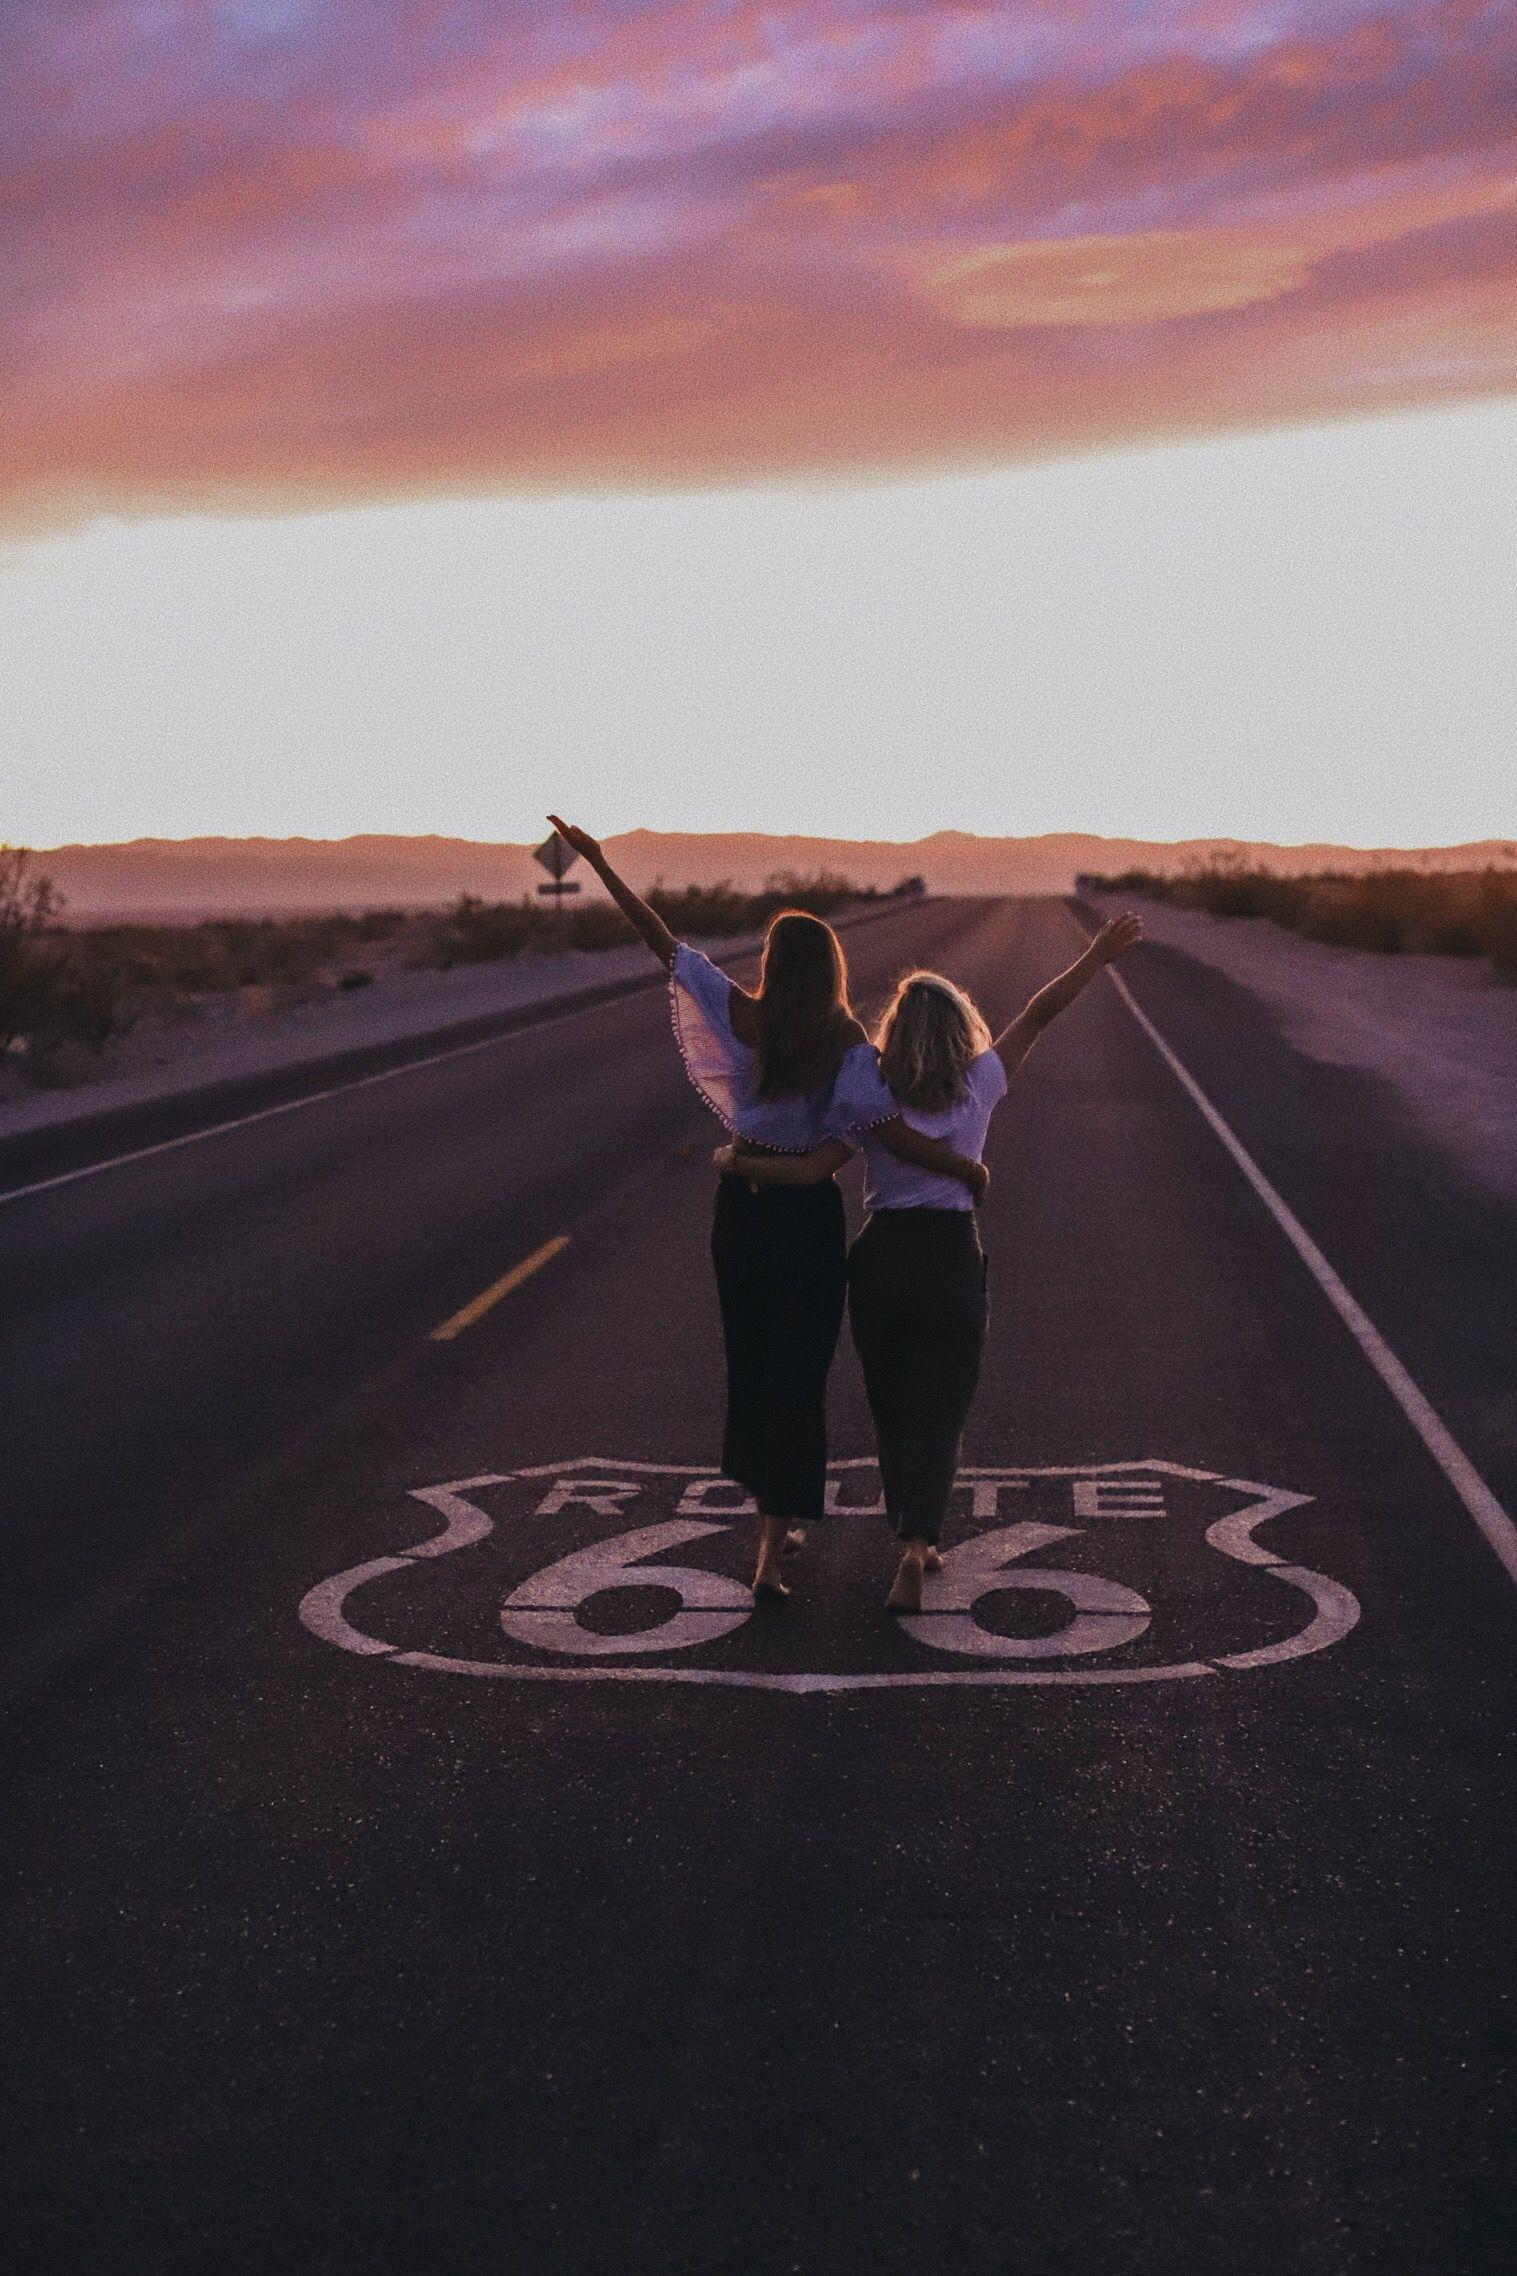 Ana je napravila genijalan roadtrip po Americi, a u njemu smo uživali i mi kroz njezine prekrasne fotografije